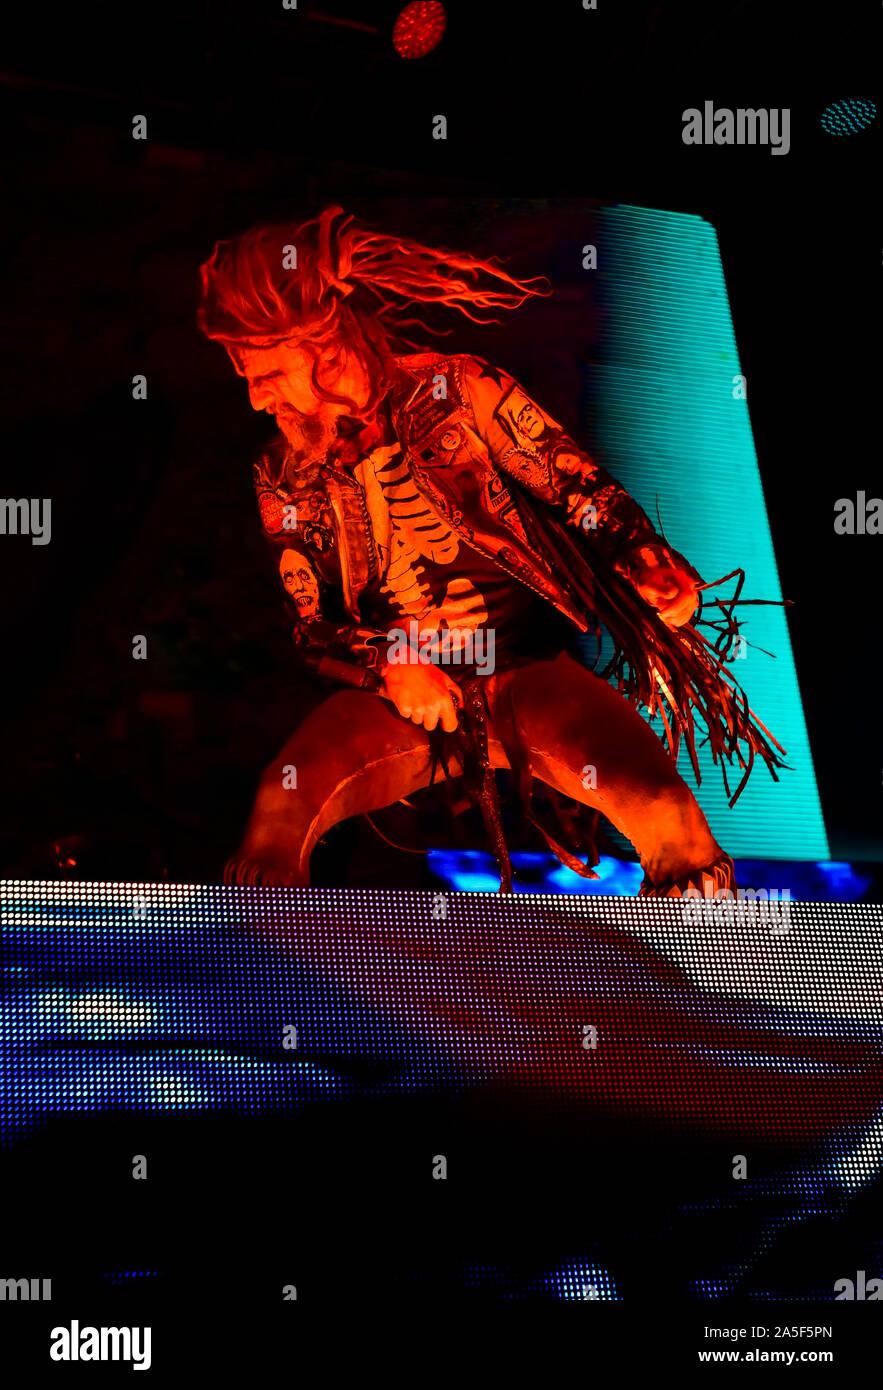 Las Vegas, Nevada, EE.UU. El 19 de octubre de 2019. Rob Zombie en conciertos en la tercera reunión anual de la Liga Rageous música heavy metal festival celebrado en el Centro de Eventos del centro de Las Vegas. Crédito de la foto: Ken Howard Imágenes Crédito: Ken Howard/Alamy Live News Foto de stock